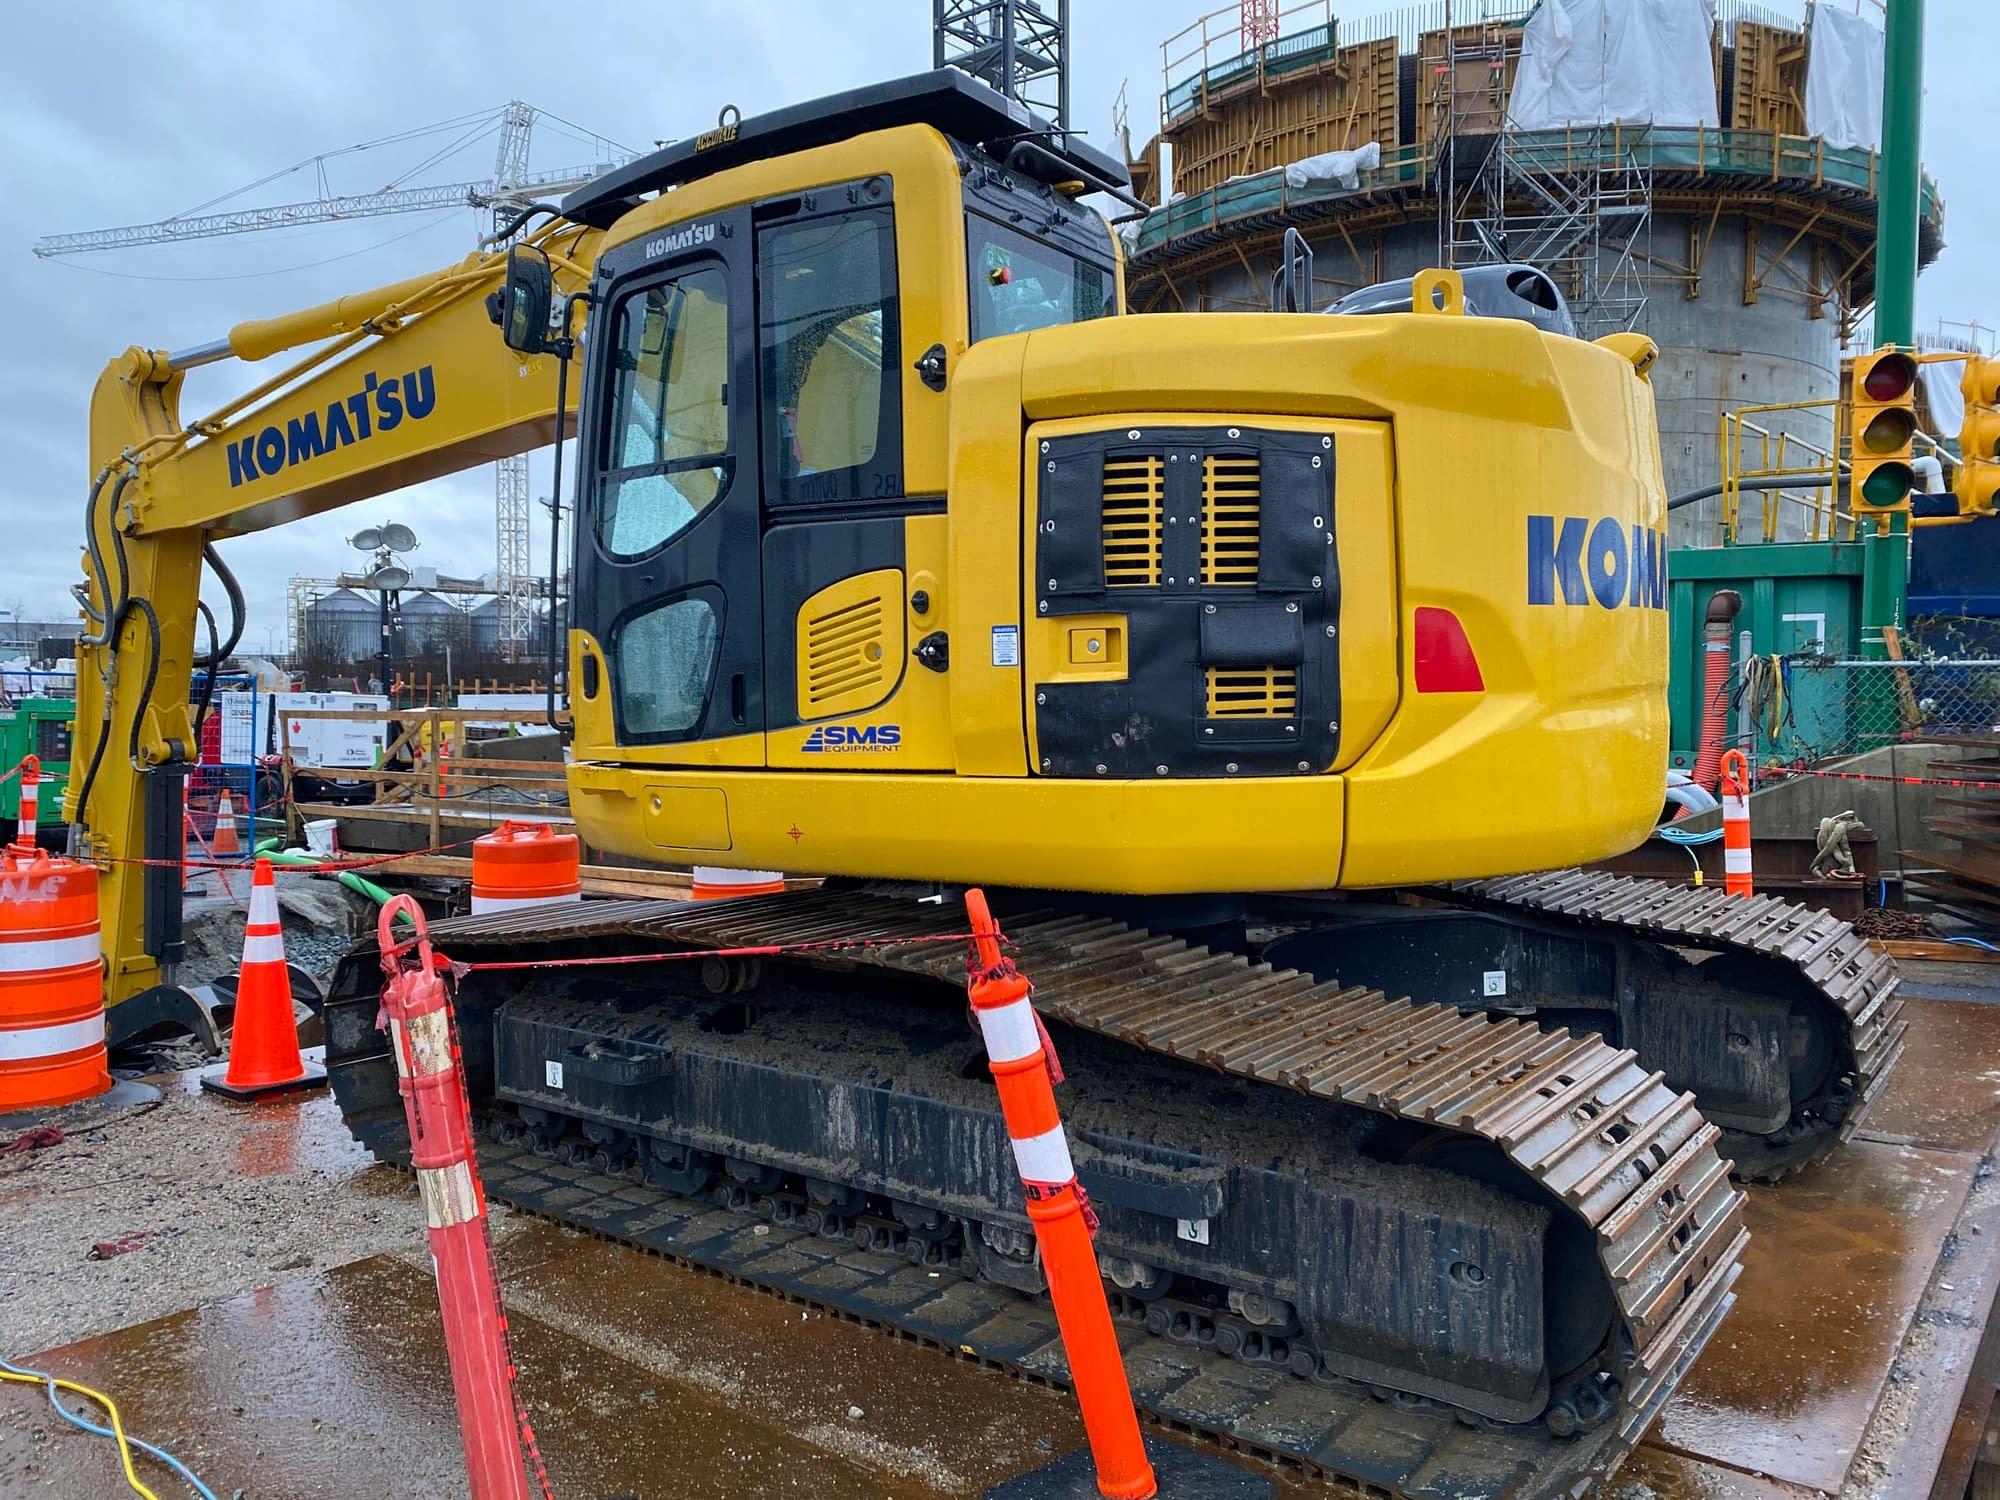 2020 Komatsu PC238USLC-11 Excavator